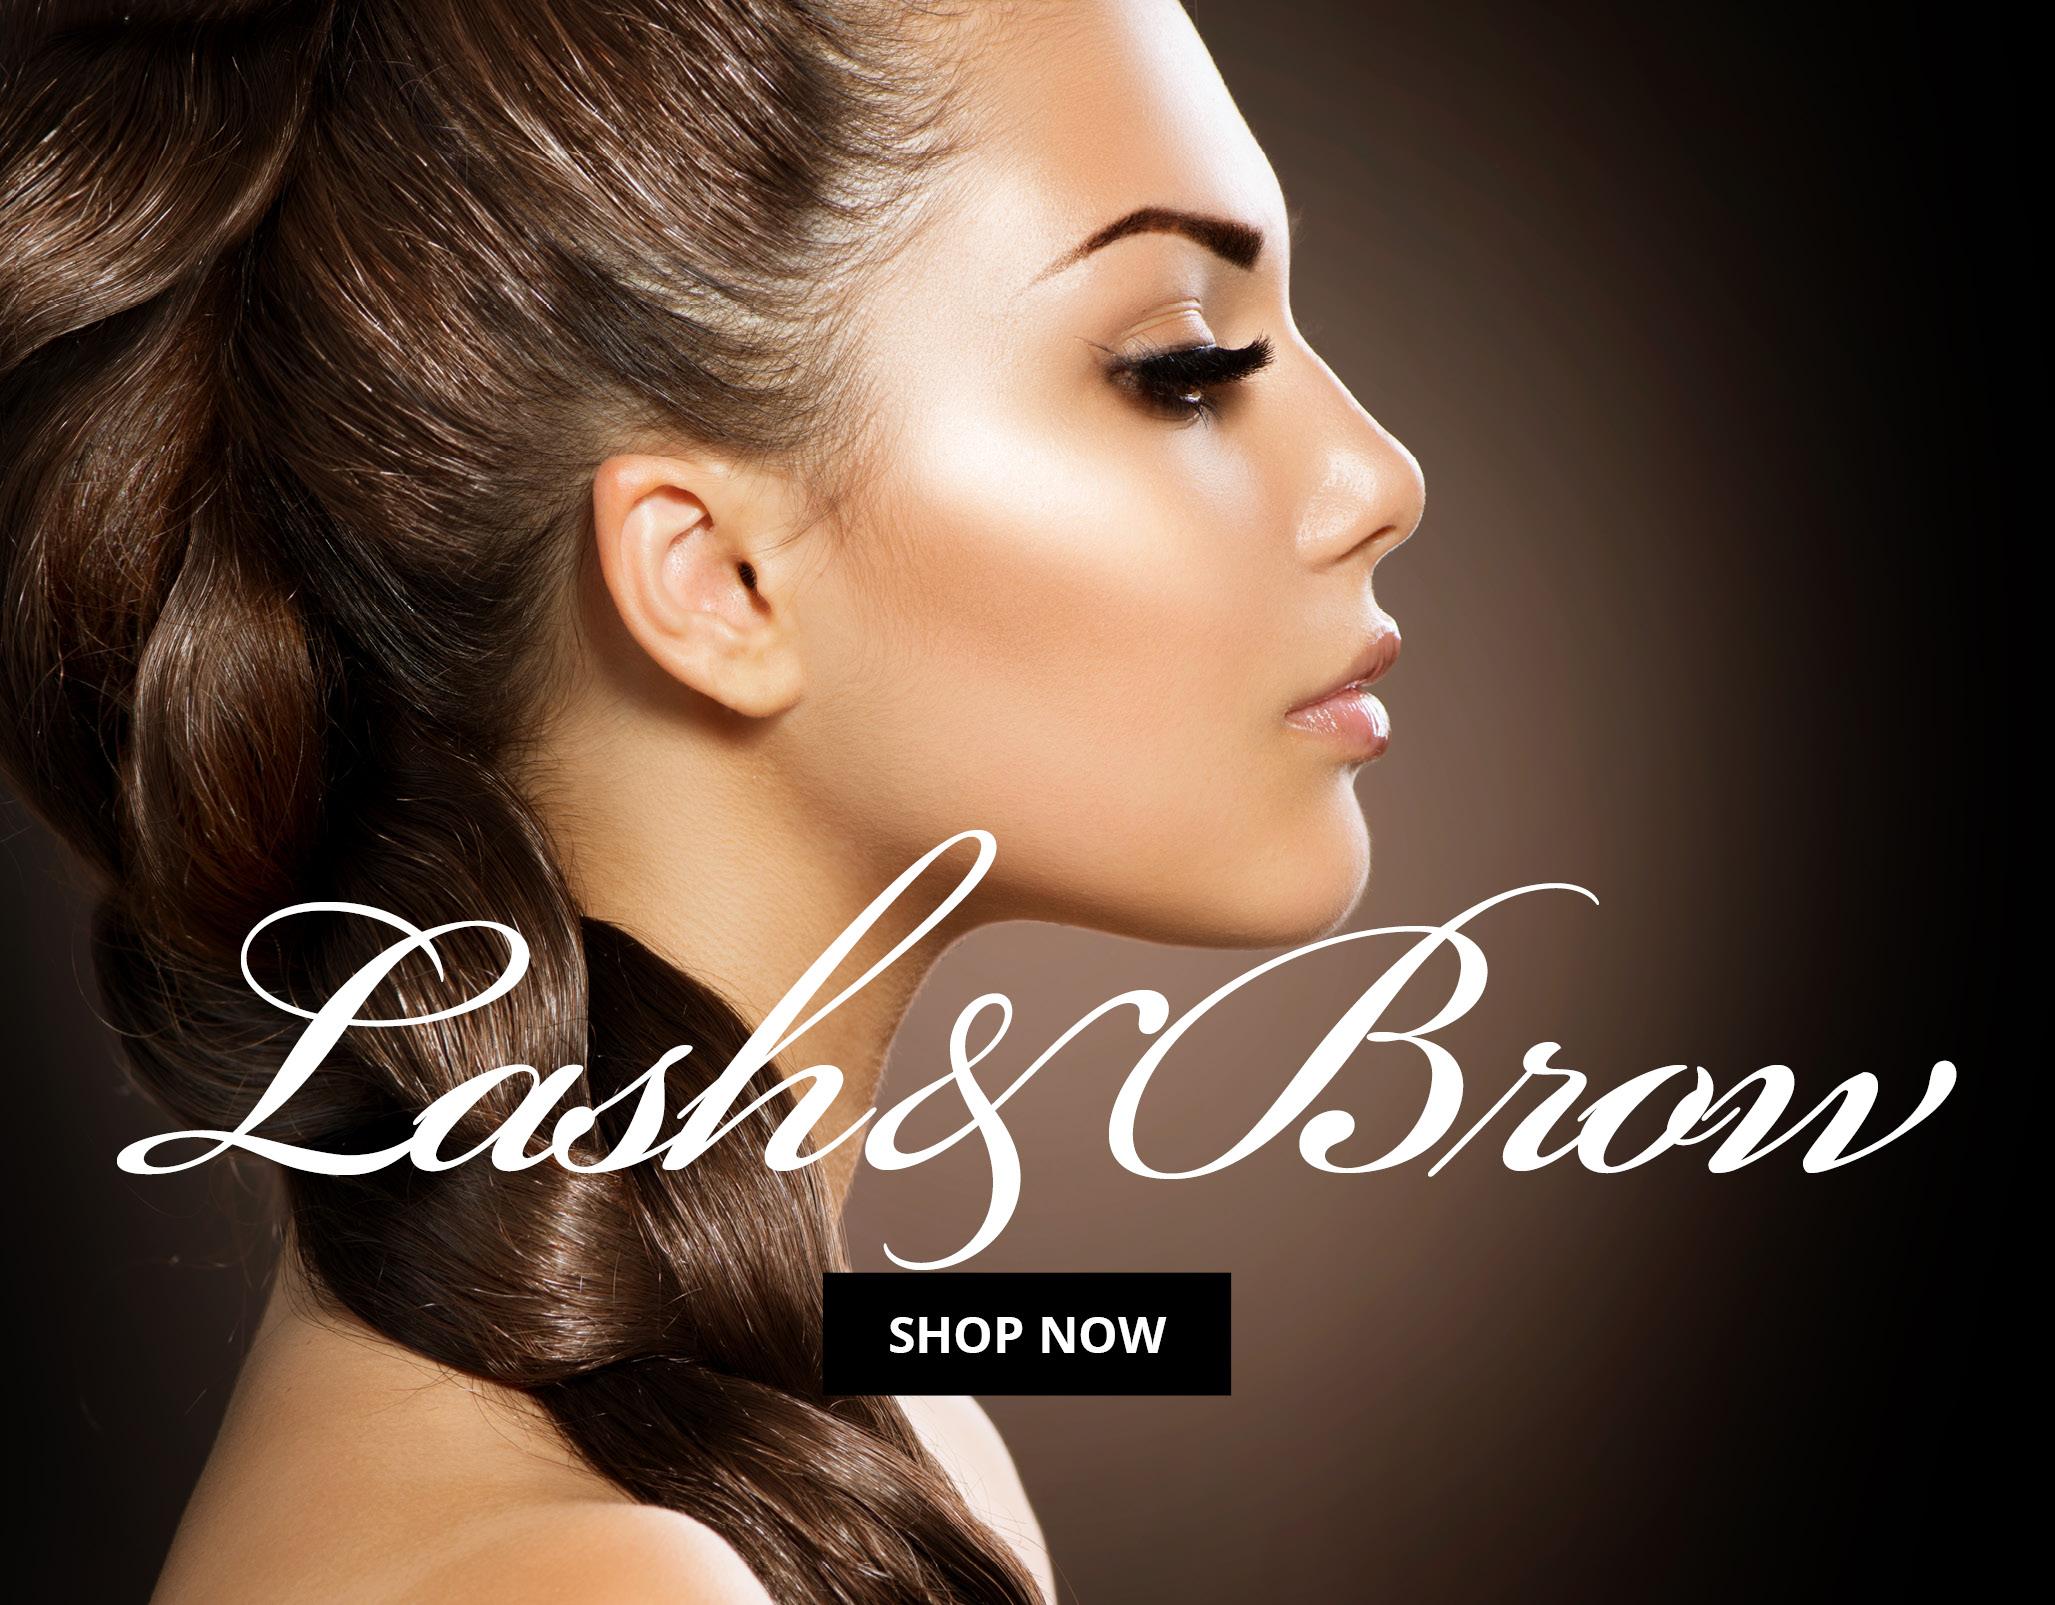 Lash & Brow